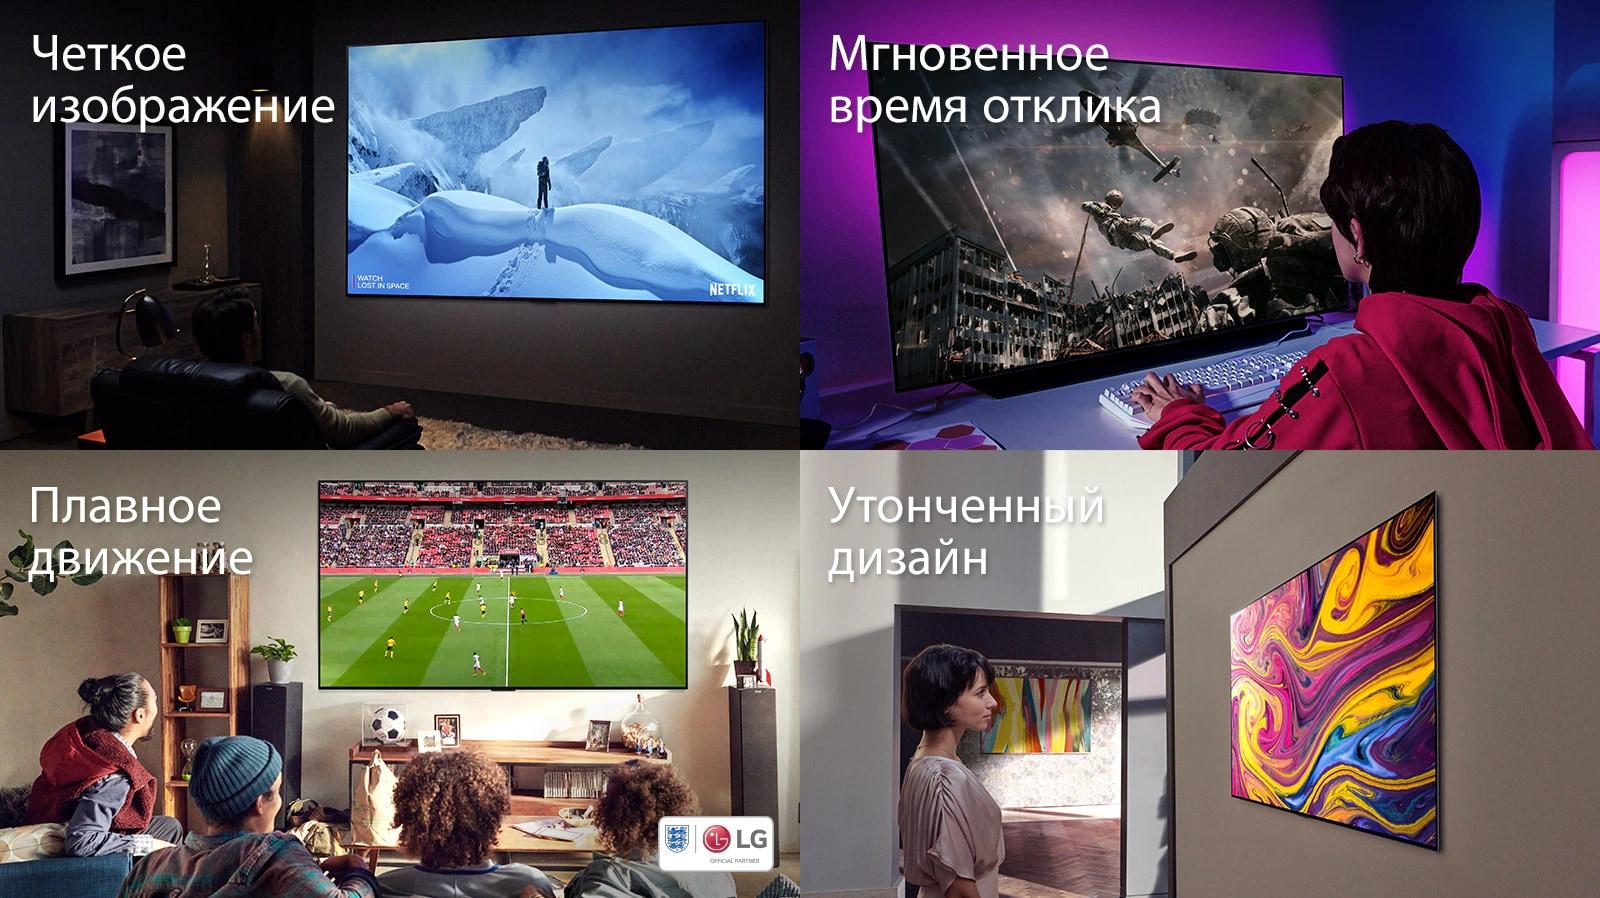 Логотипы LG Channels, Netflix, Disney+ и Apple TV, расположенные горизонтально на черном фоне. Сцена из игры Assassin's Creed Valhalla с логотипом Assassin's Creed Valhalla в правом нижнем углу и текстом «Мгновенное время отклика» в верхнем левом углу. Изображение нападающего в бейсбольном матче с текстом «Плавное движение» в верхнем левом углу. Изображение закрепленного на стене телевизора с текстом «Утонченный дизайн» в верхнем левом углу.